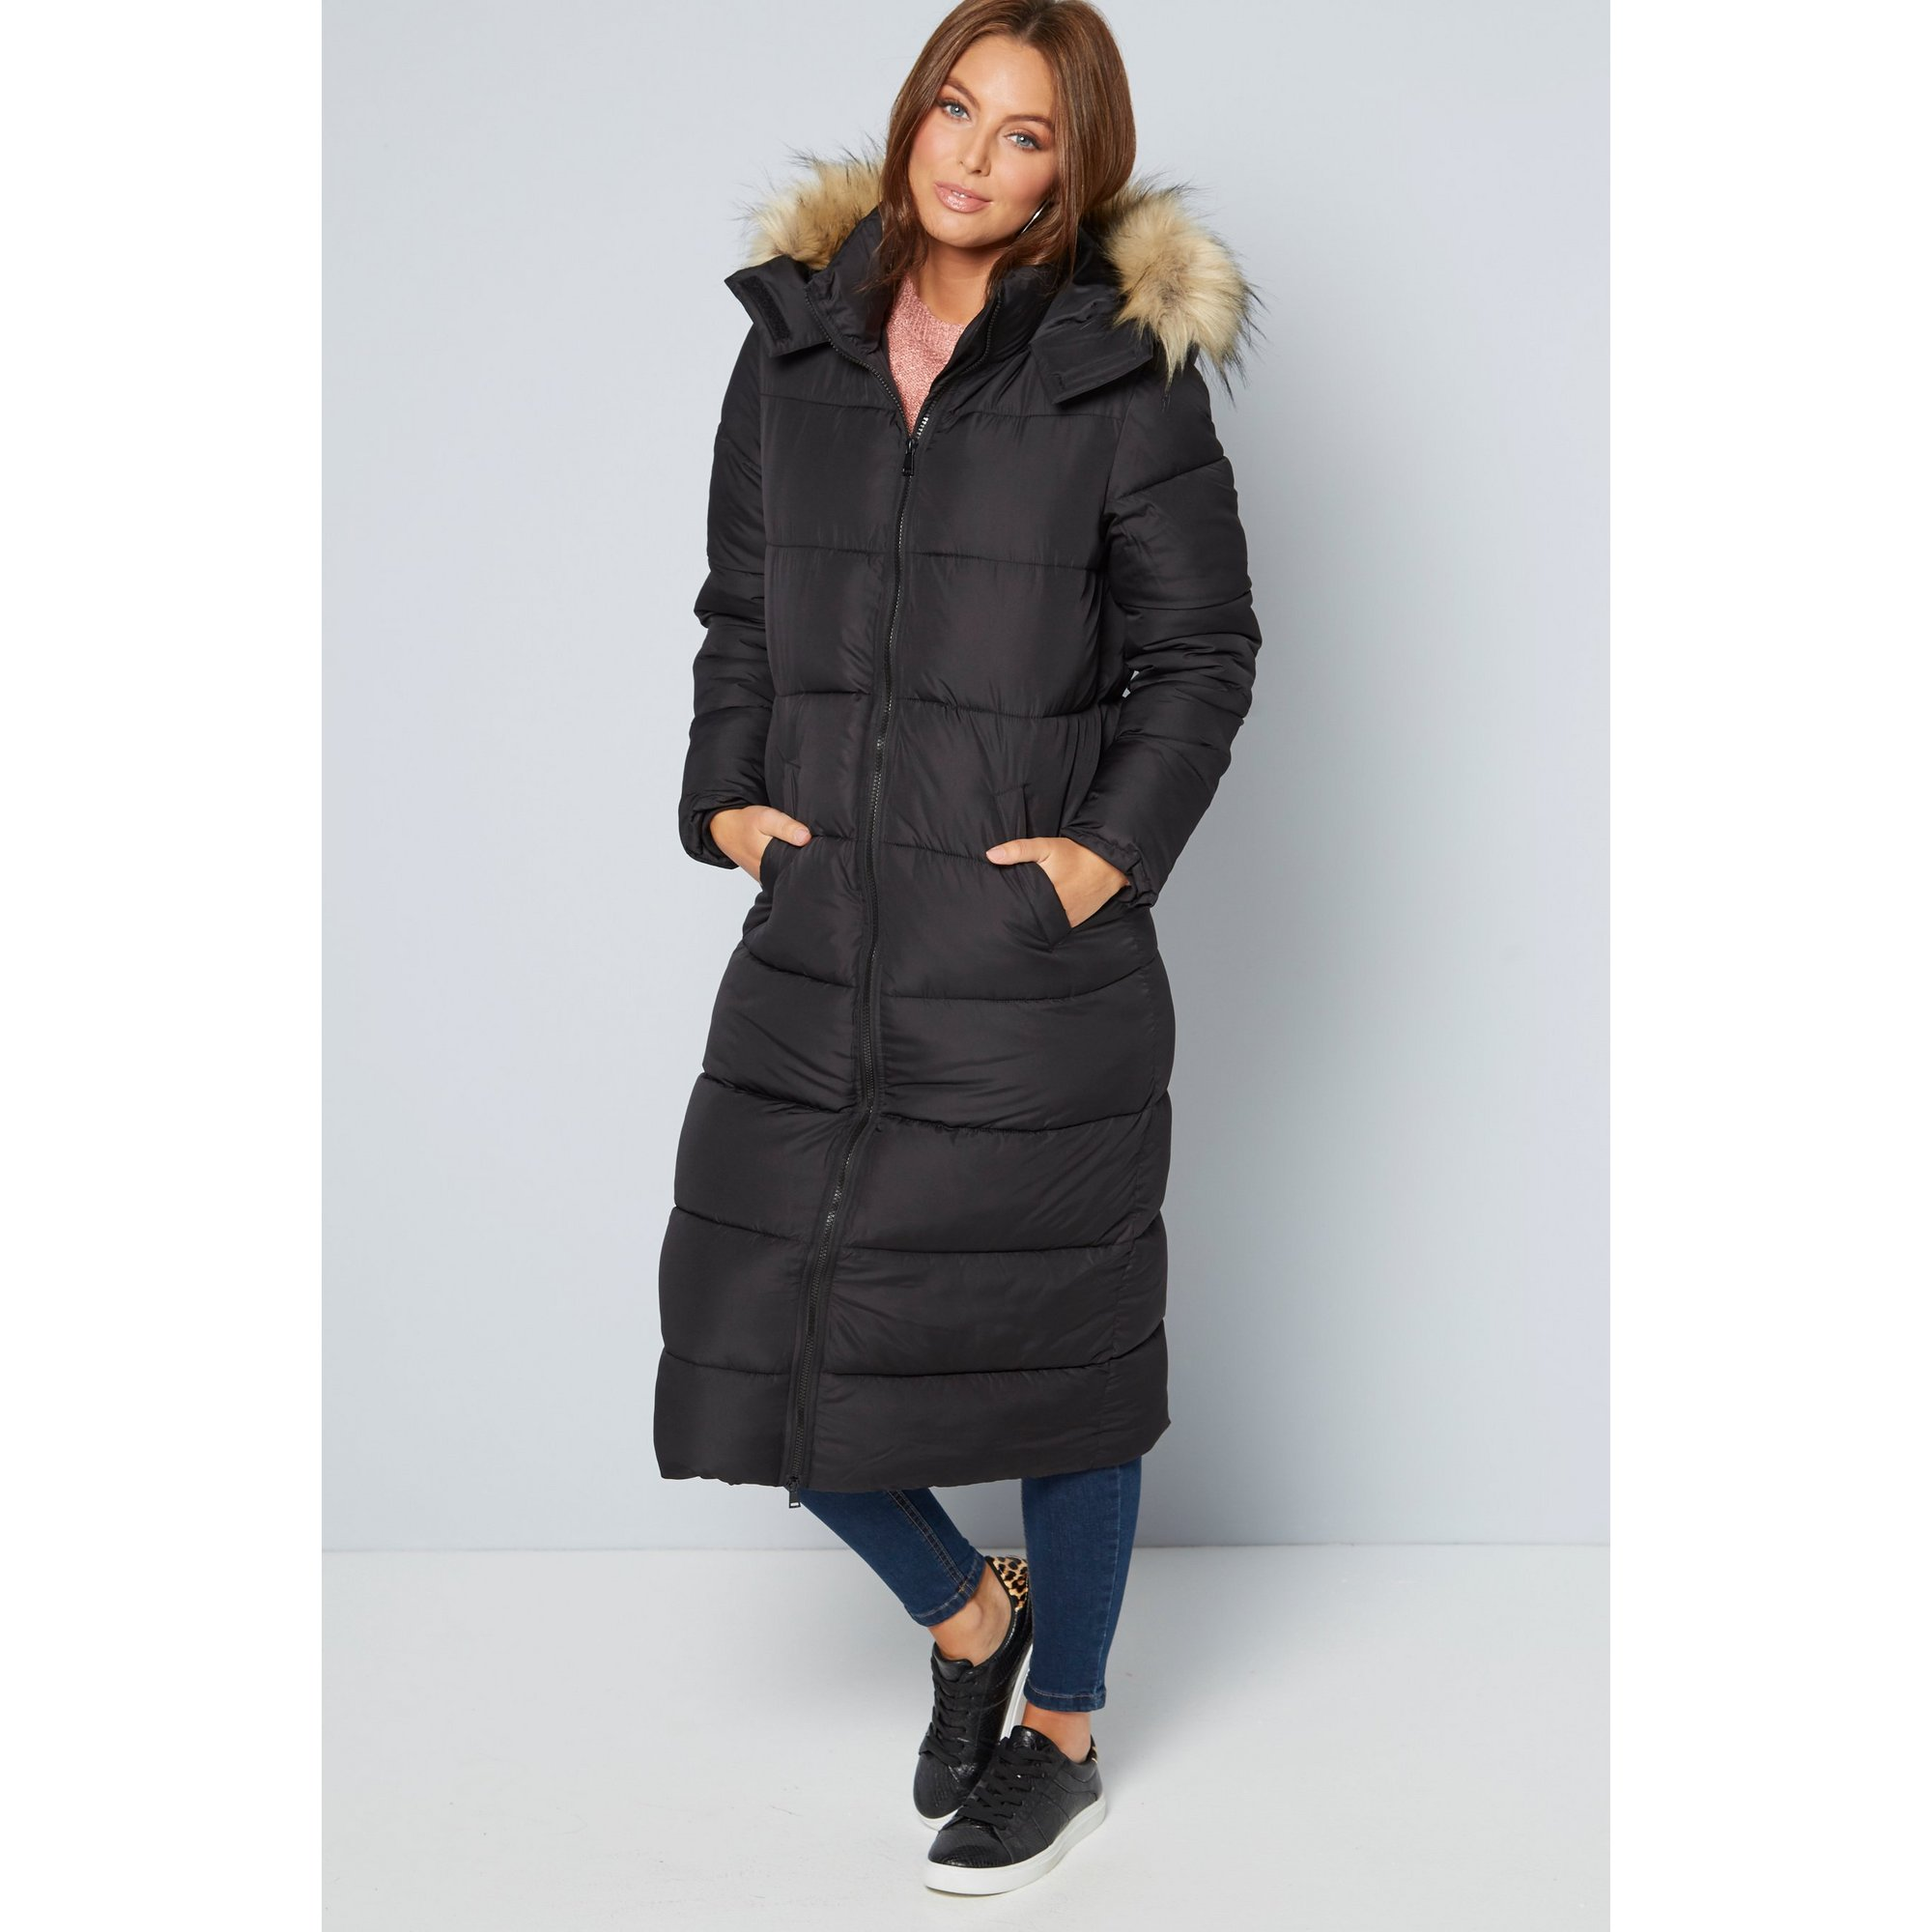 Image of Black Maxi Padded Coat